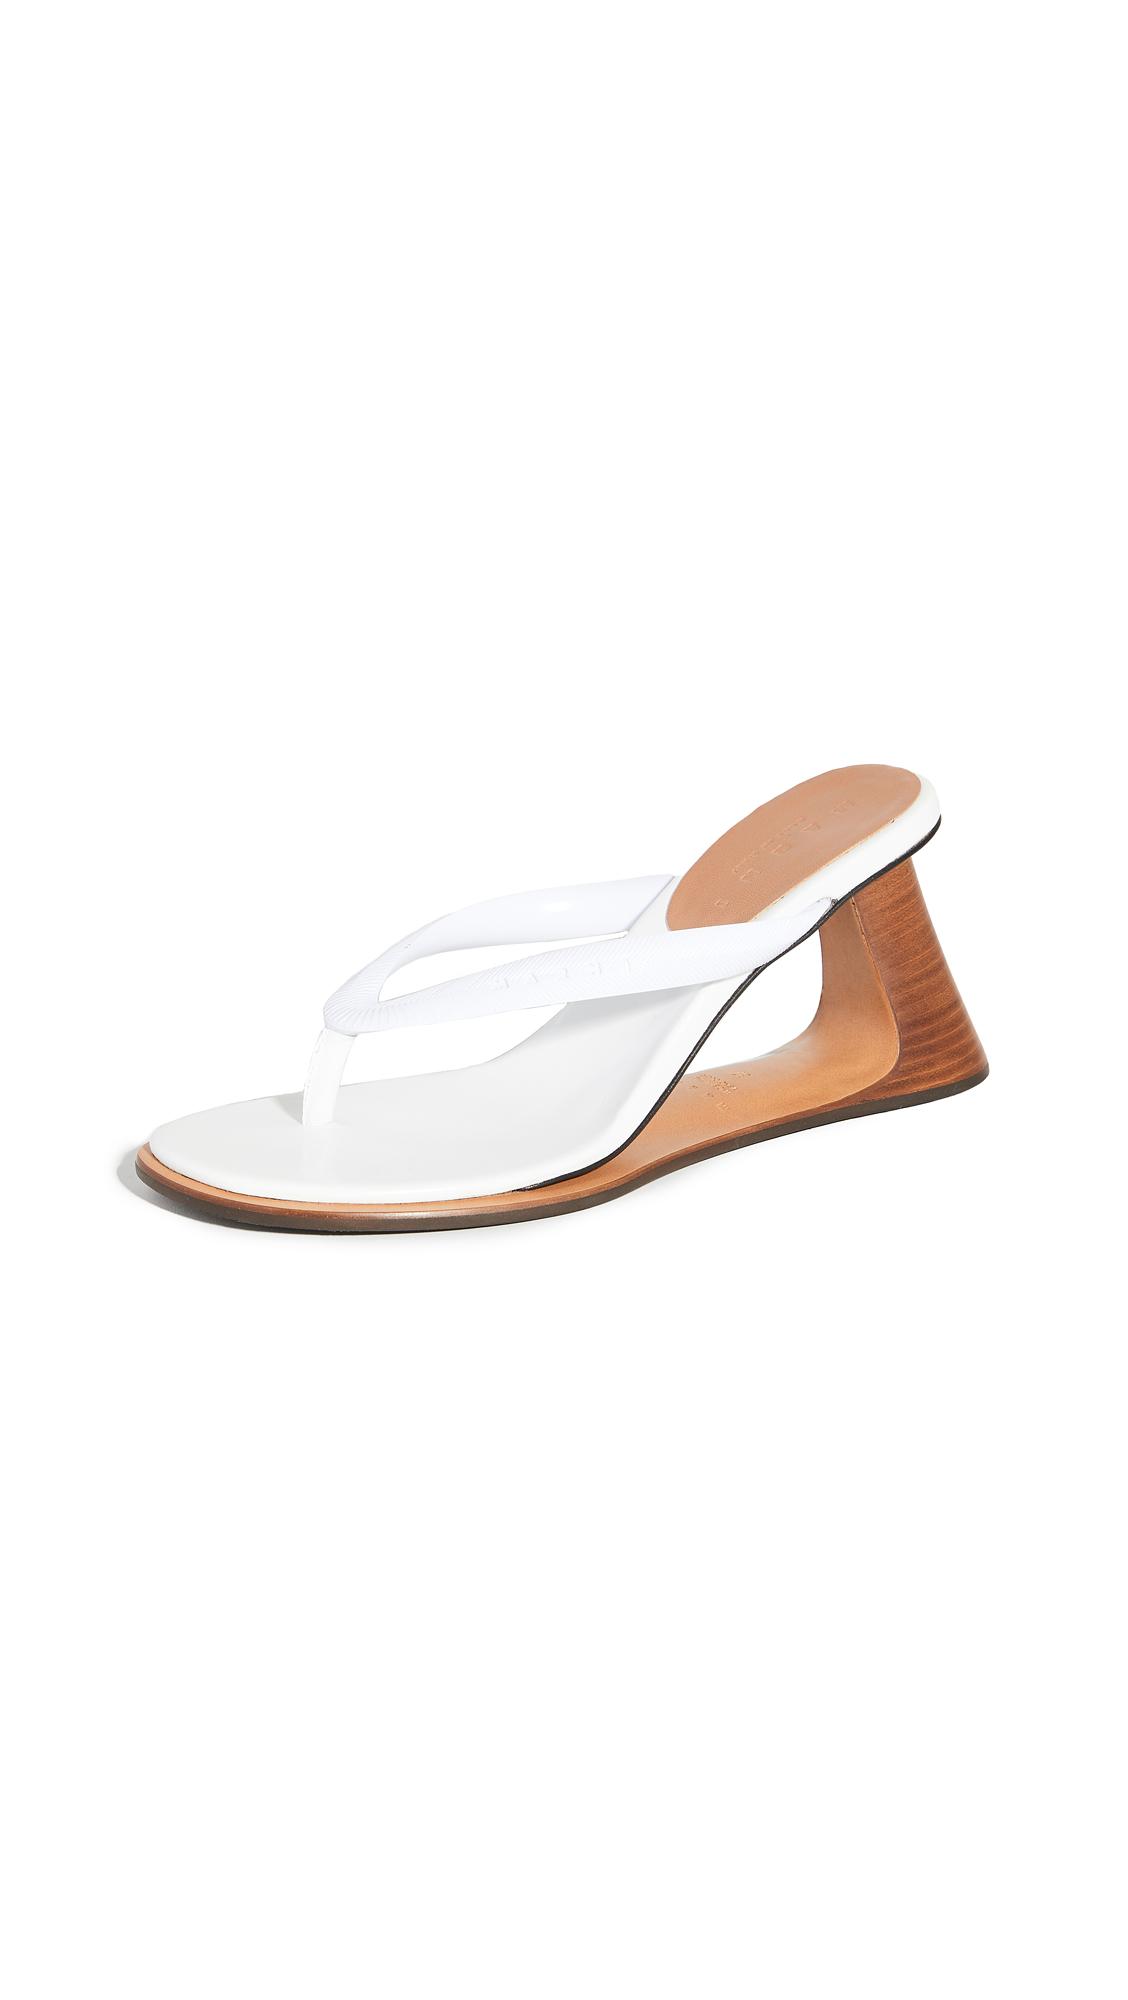 Marni Wooden Heel Flip Flops - 40% Off Sale